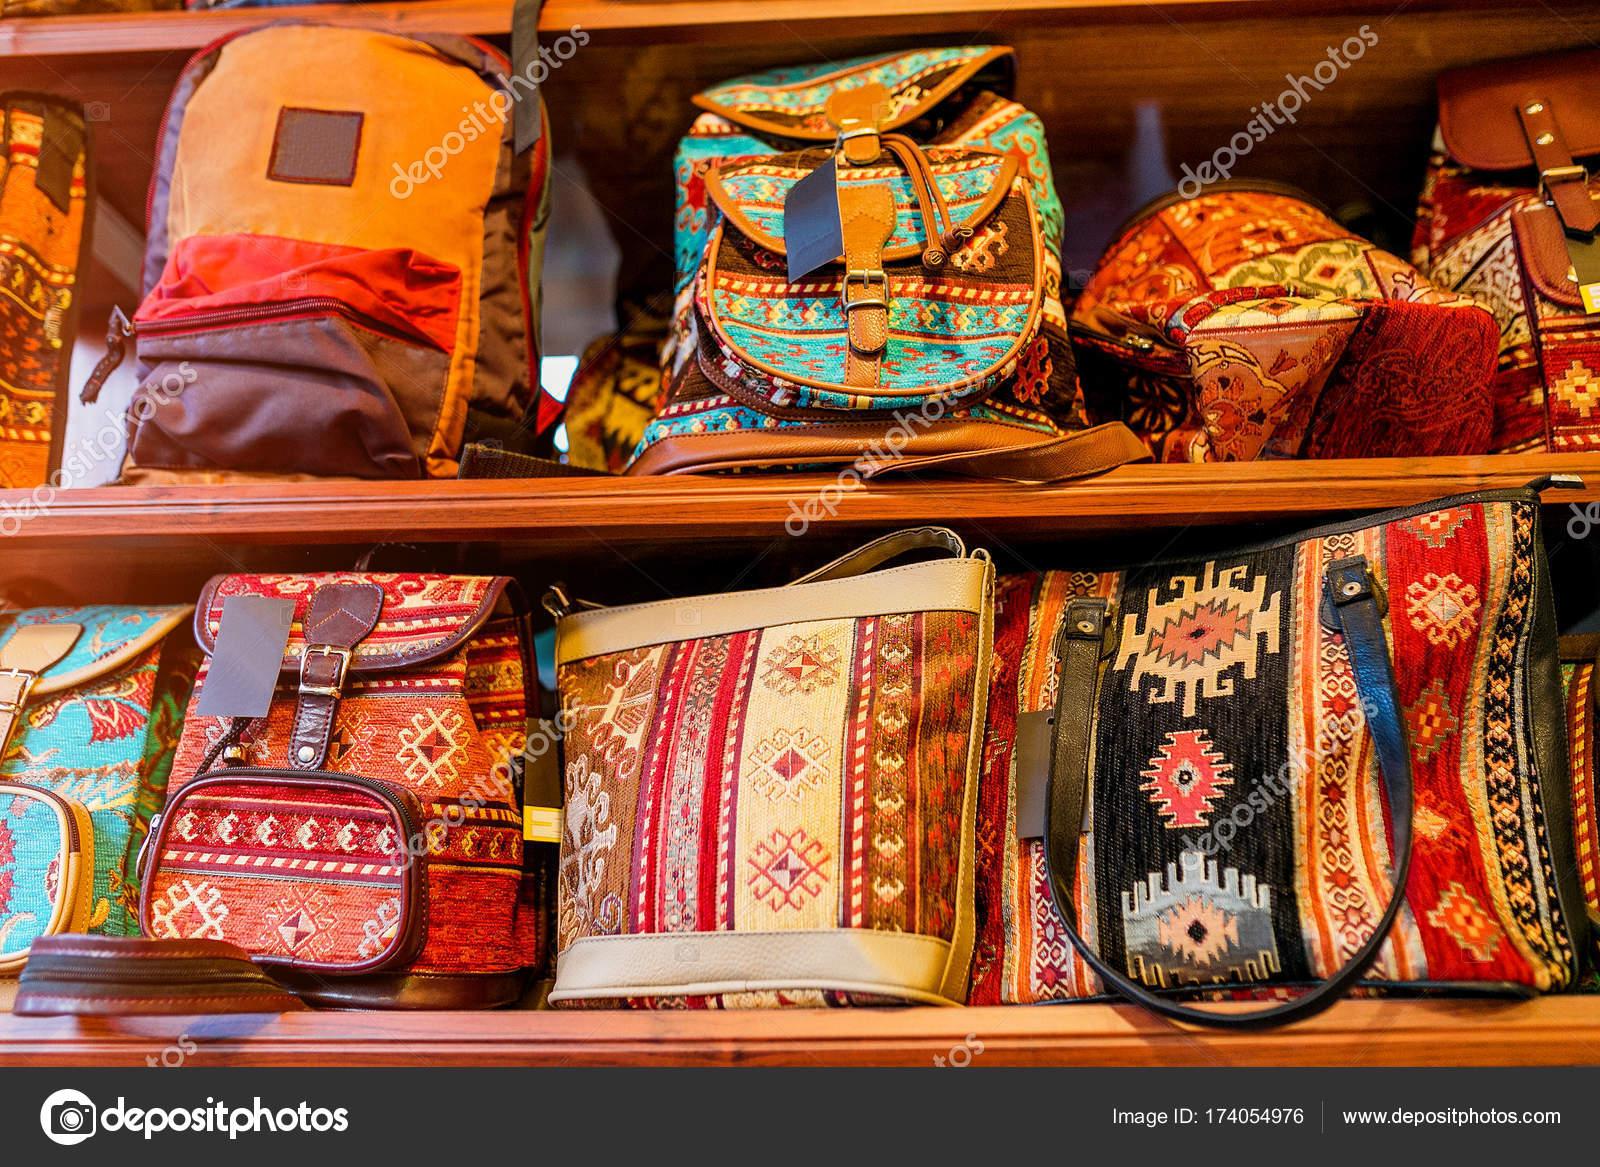 f99744bfb3 Ύφασμα γυναικείο χέρι τσάντες με παραδοσιακά μοτίβα εθνο σε κατάστημα ειδών  ένδυσης